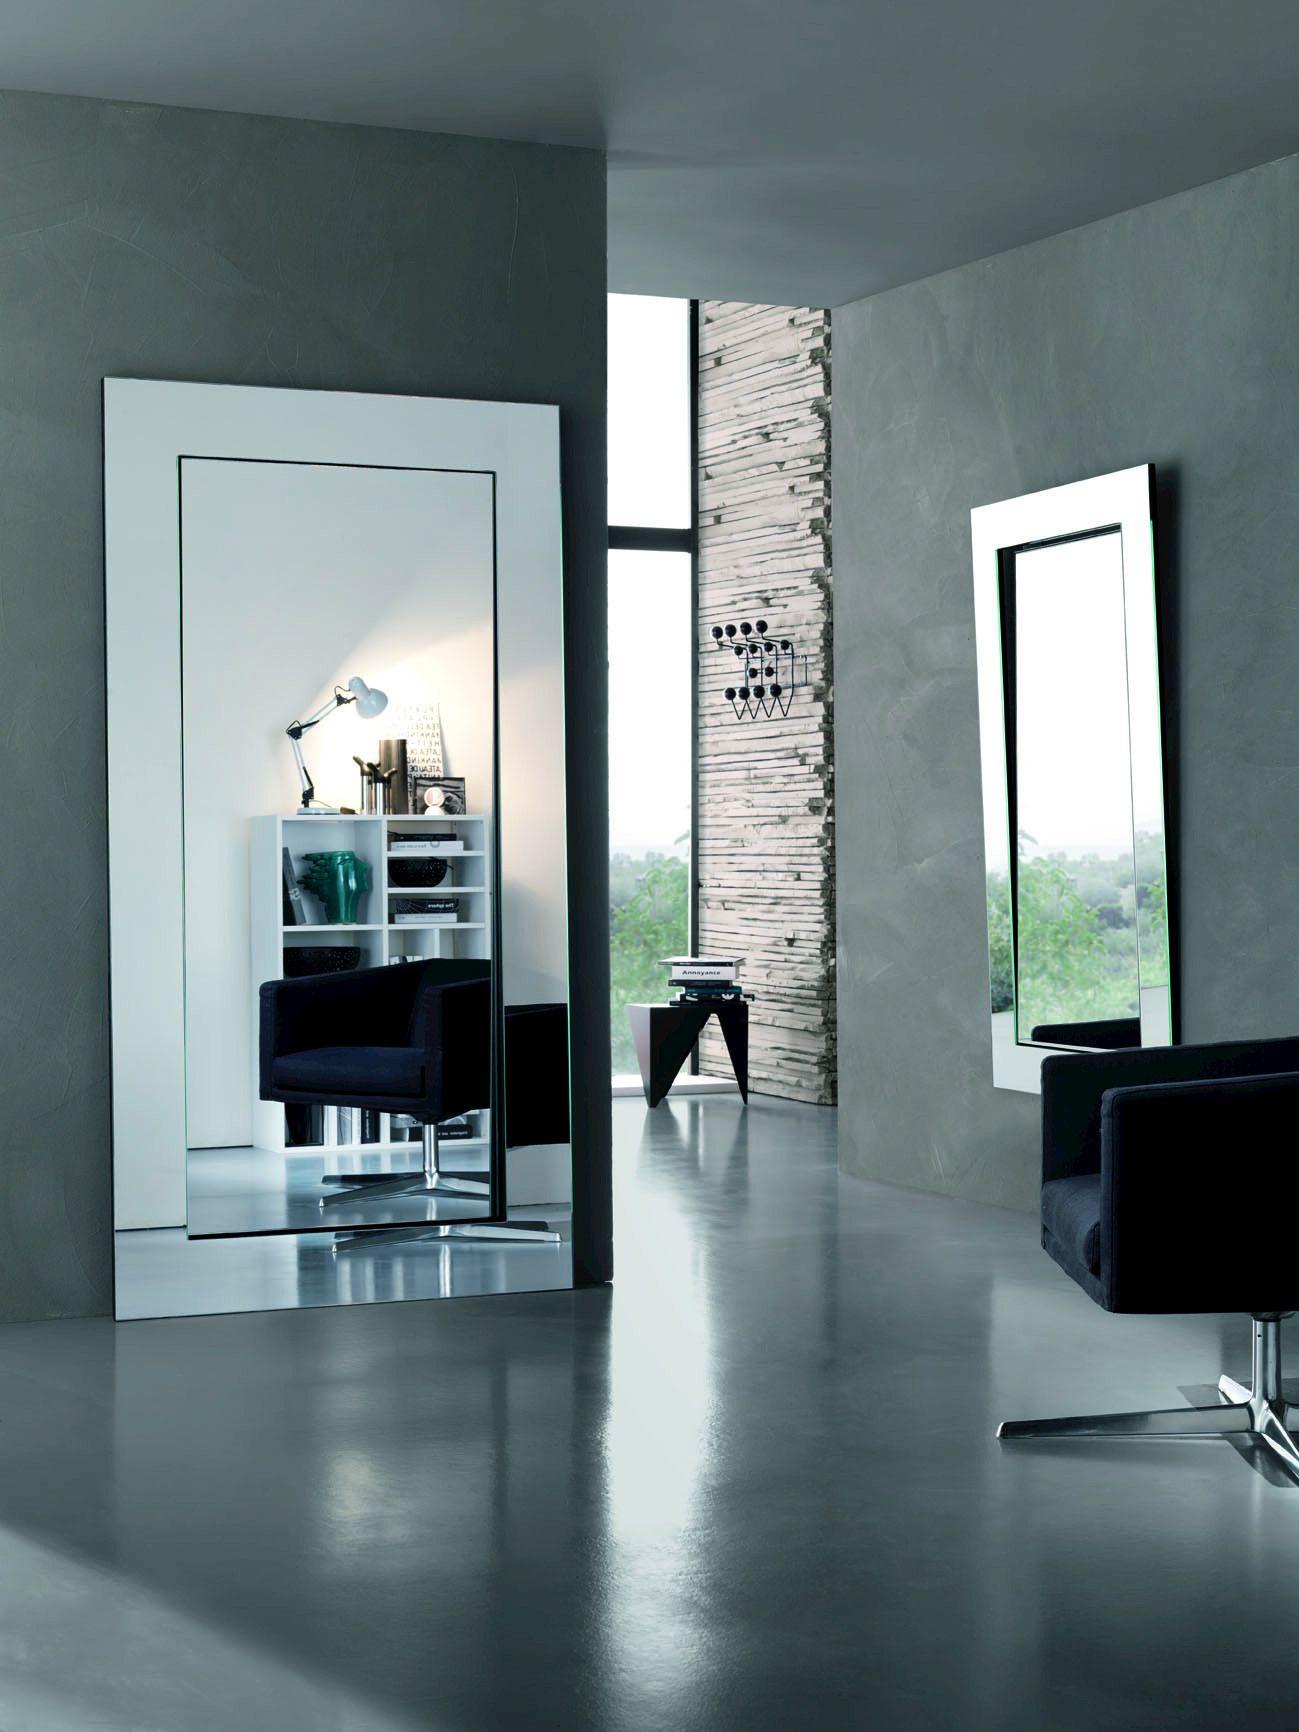 Specchio a parete gerundio by t d tonelli design design giovanni tommaso garattoni - Pareti a specchio ...